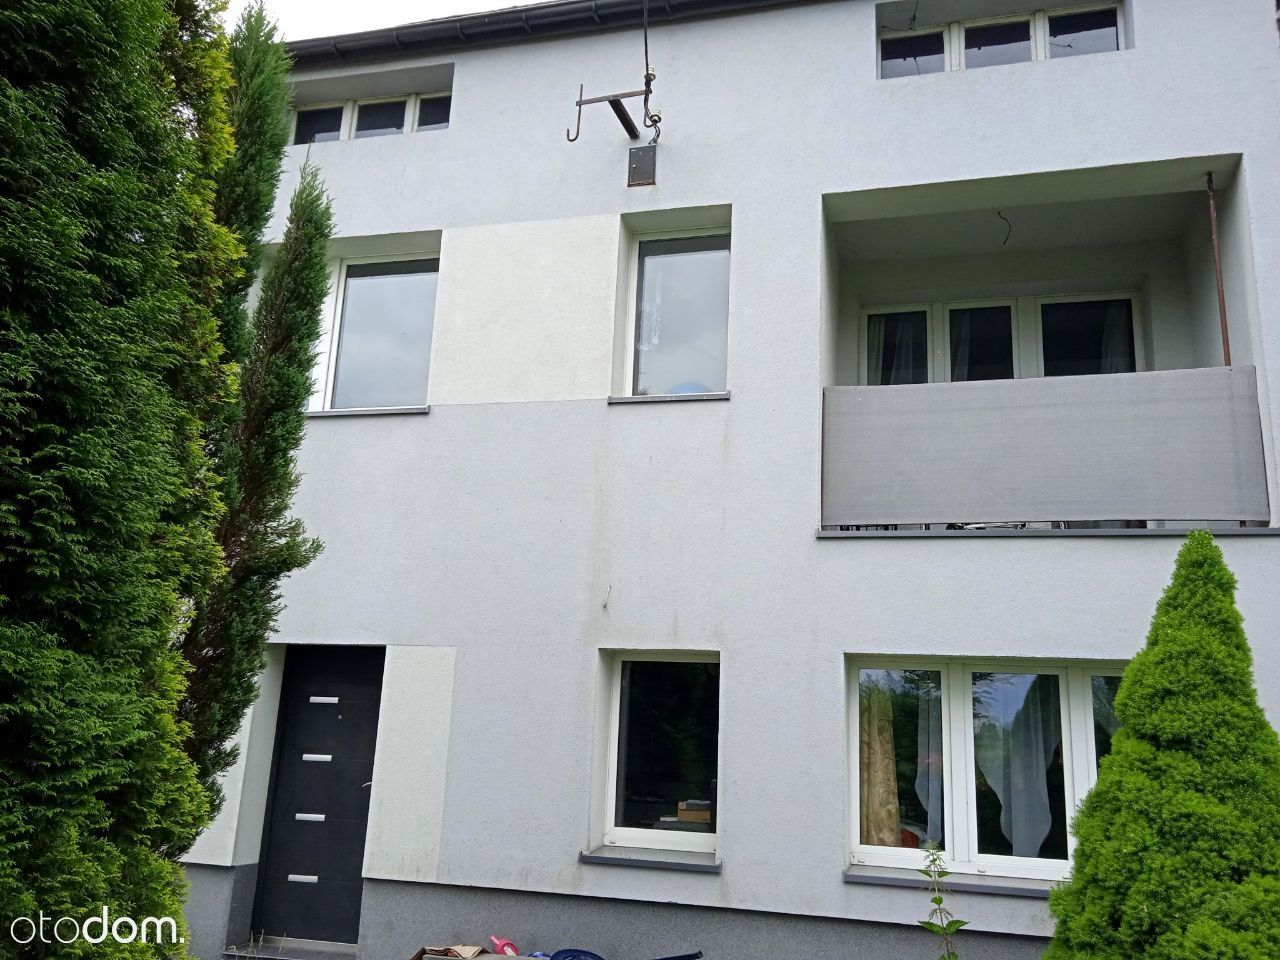 Dom bliźniak Imielin